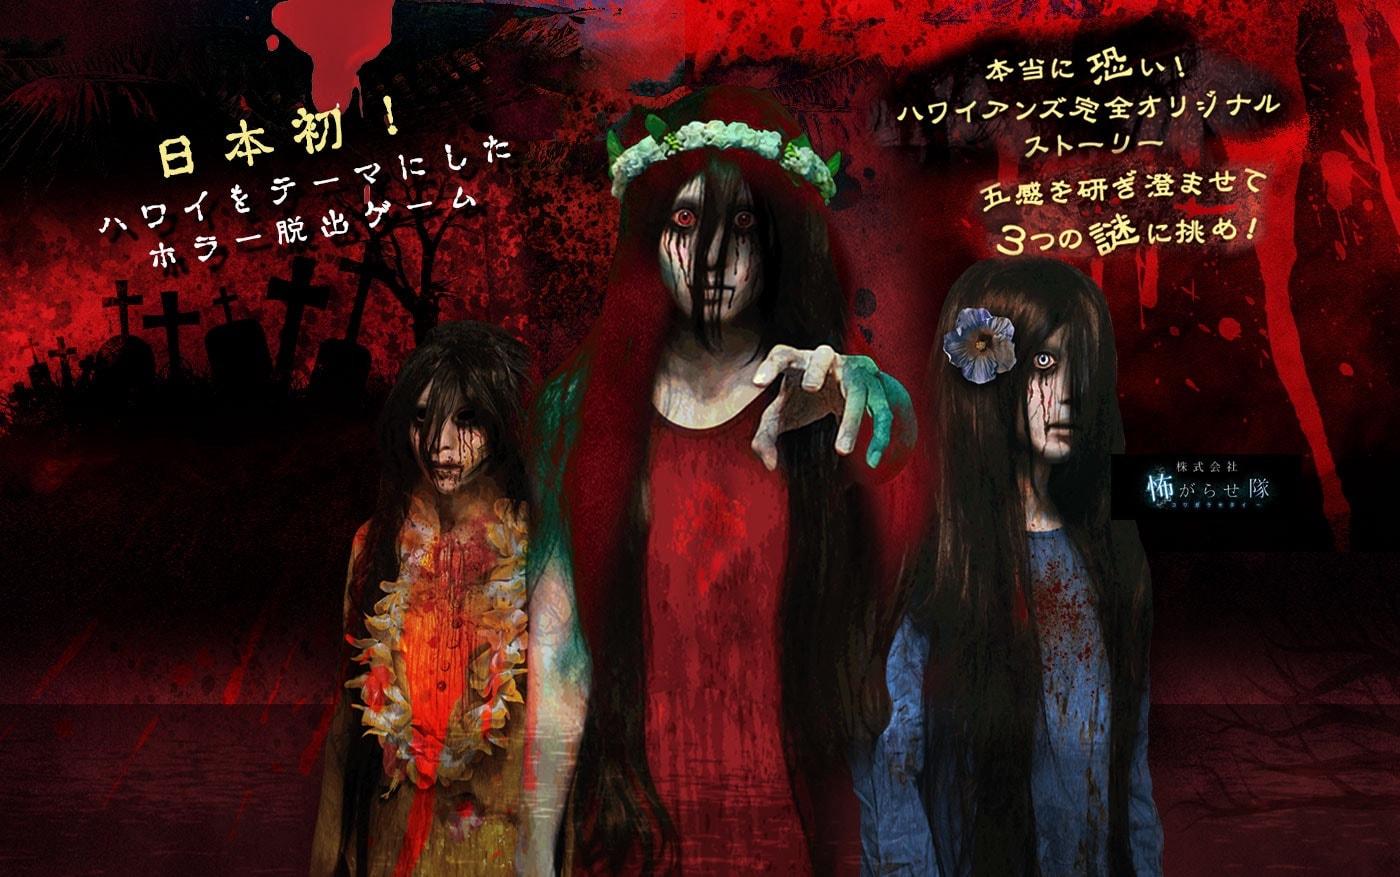 ハワイがテーマ!【スパリゾートハワイアンズ「血塗られた三姉妹の呪い」】